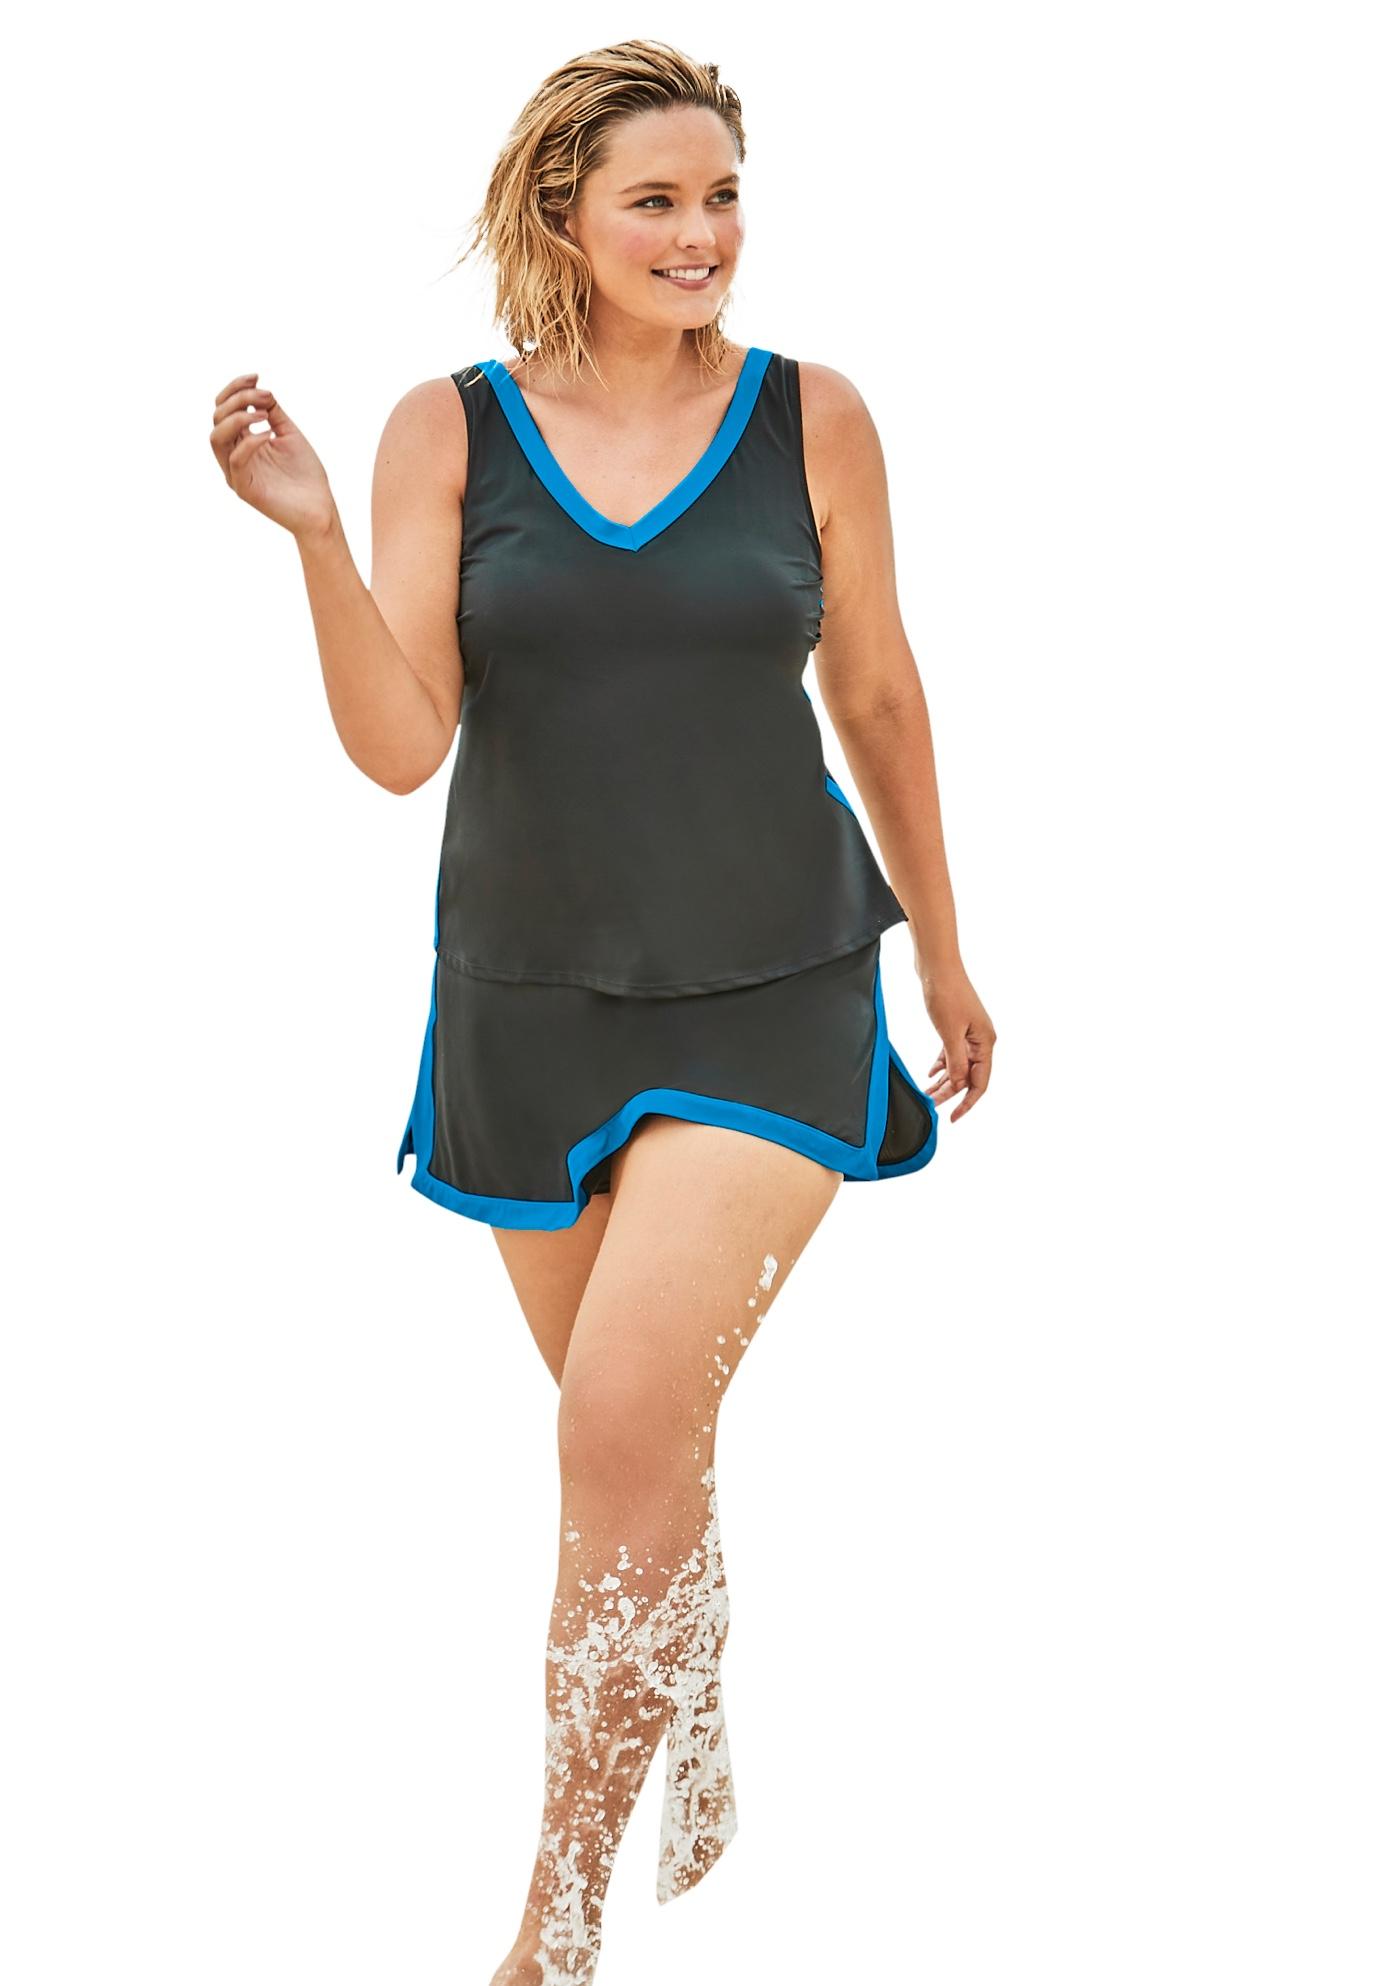 Plus Size Women's 2-Piece Swim Skirtini Set by Swim 365 in Black Blue Sea